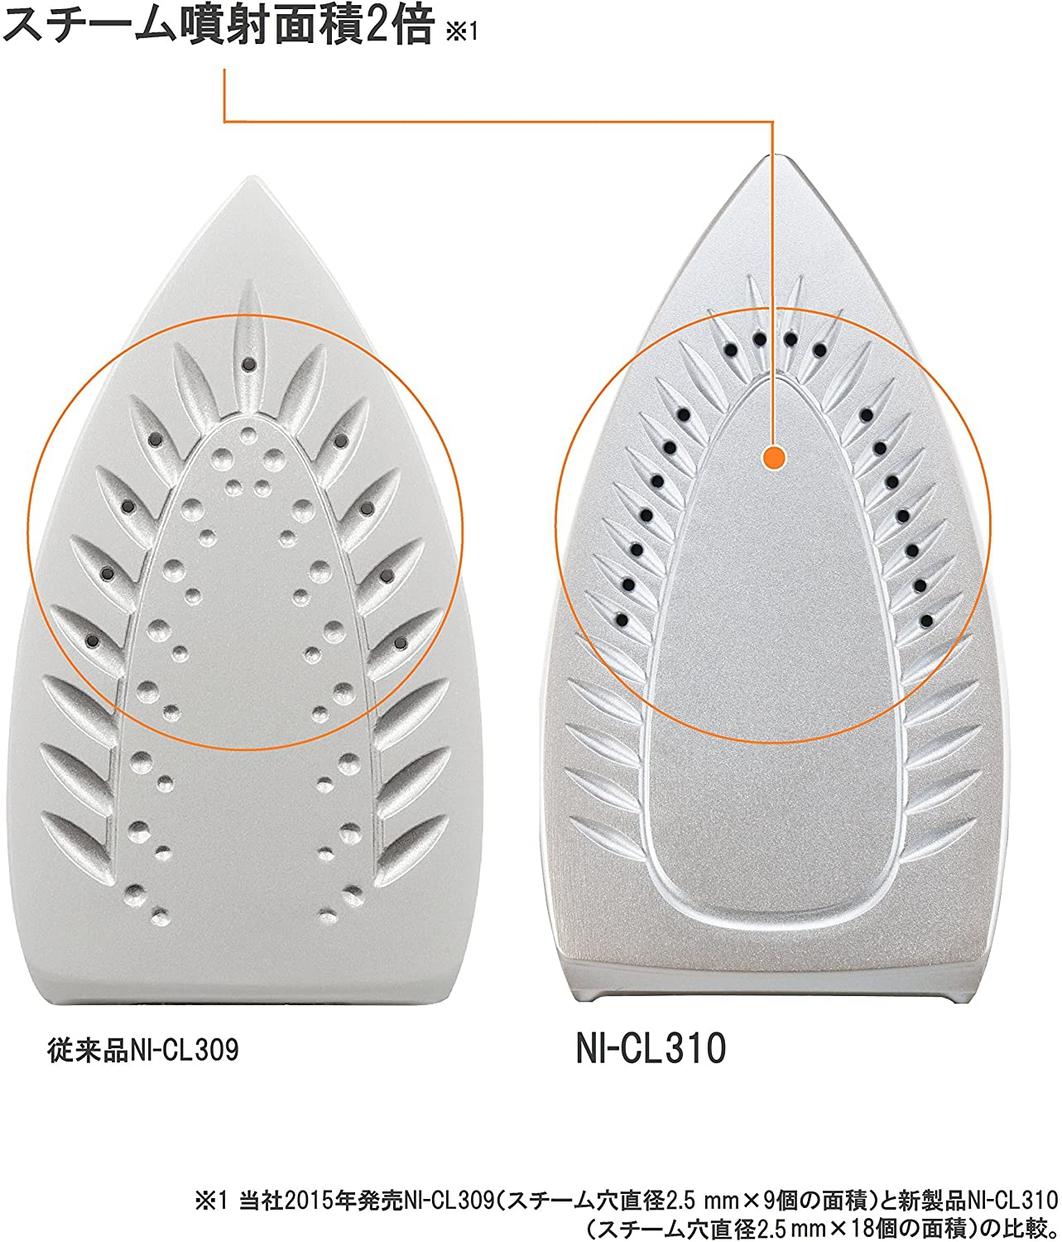 Panasonic(パナソニック) コードレススチームアイロン NI-CL310の商品画像5